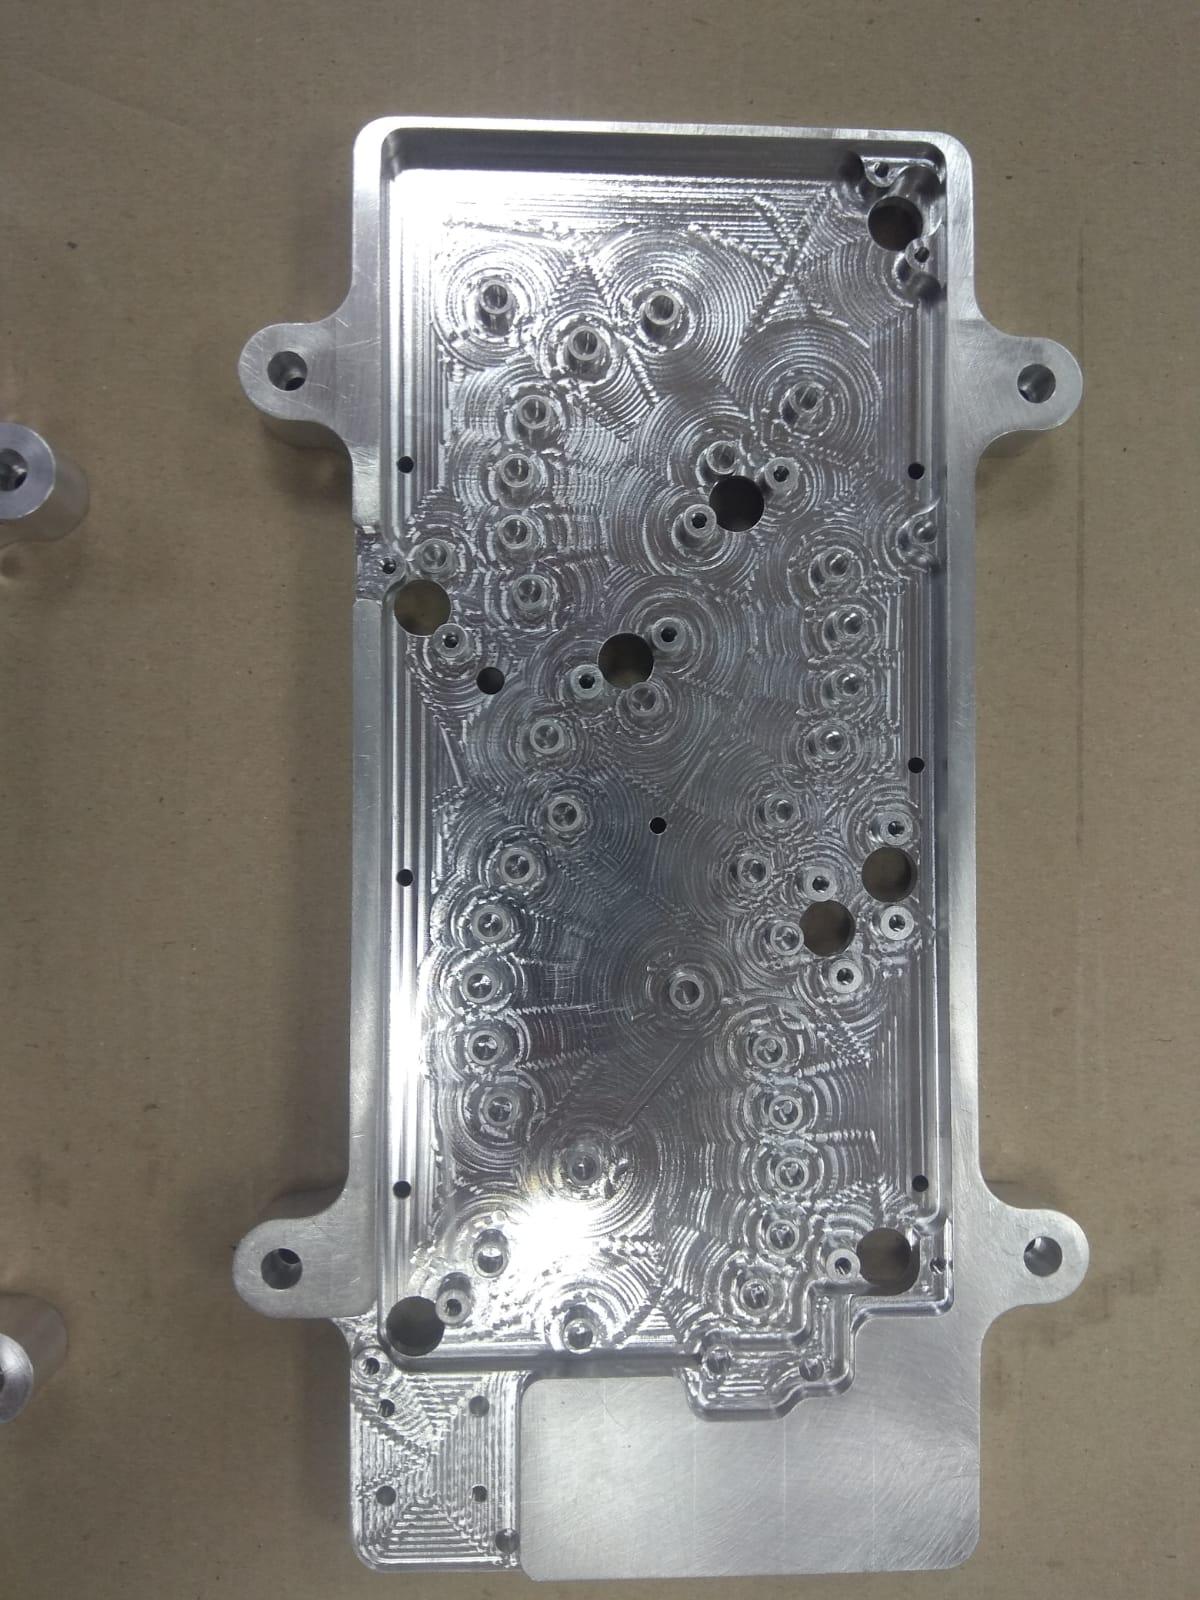 utiles y piezas mecanizadas 15 - Trabajos realizados